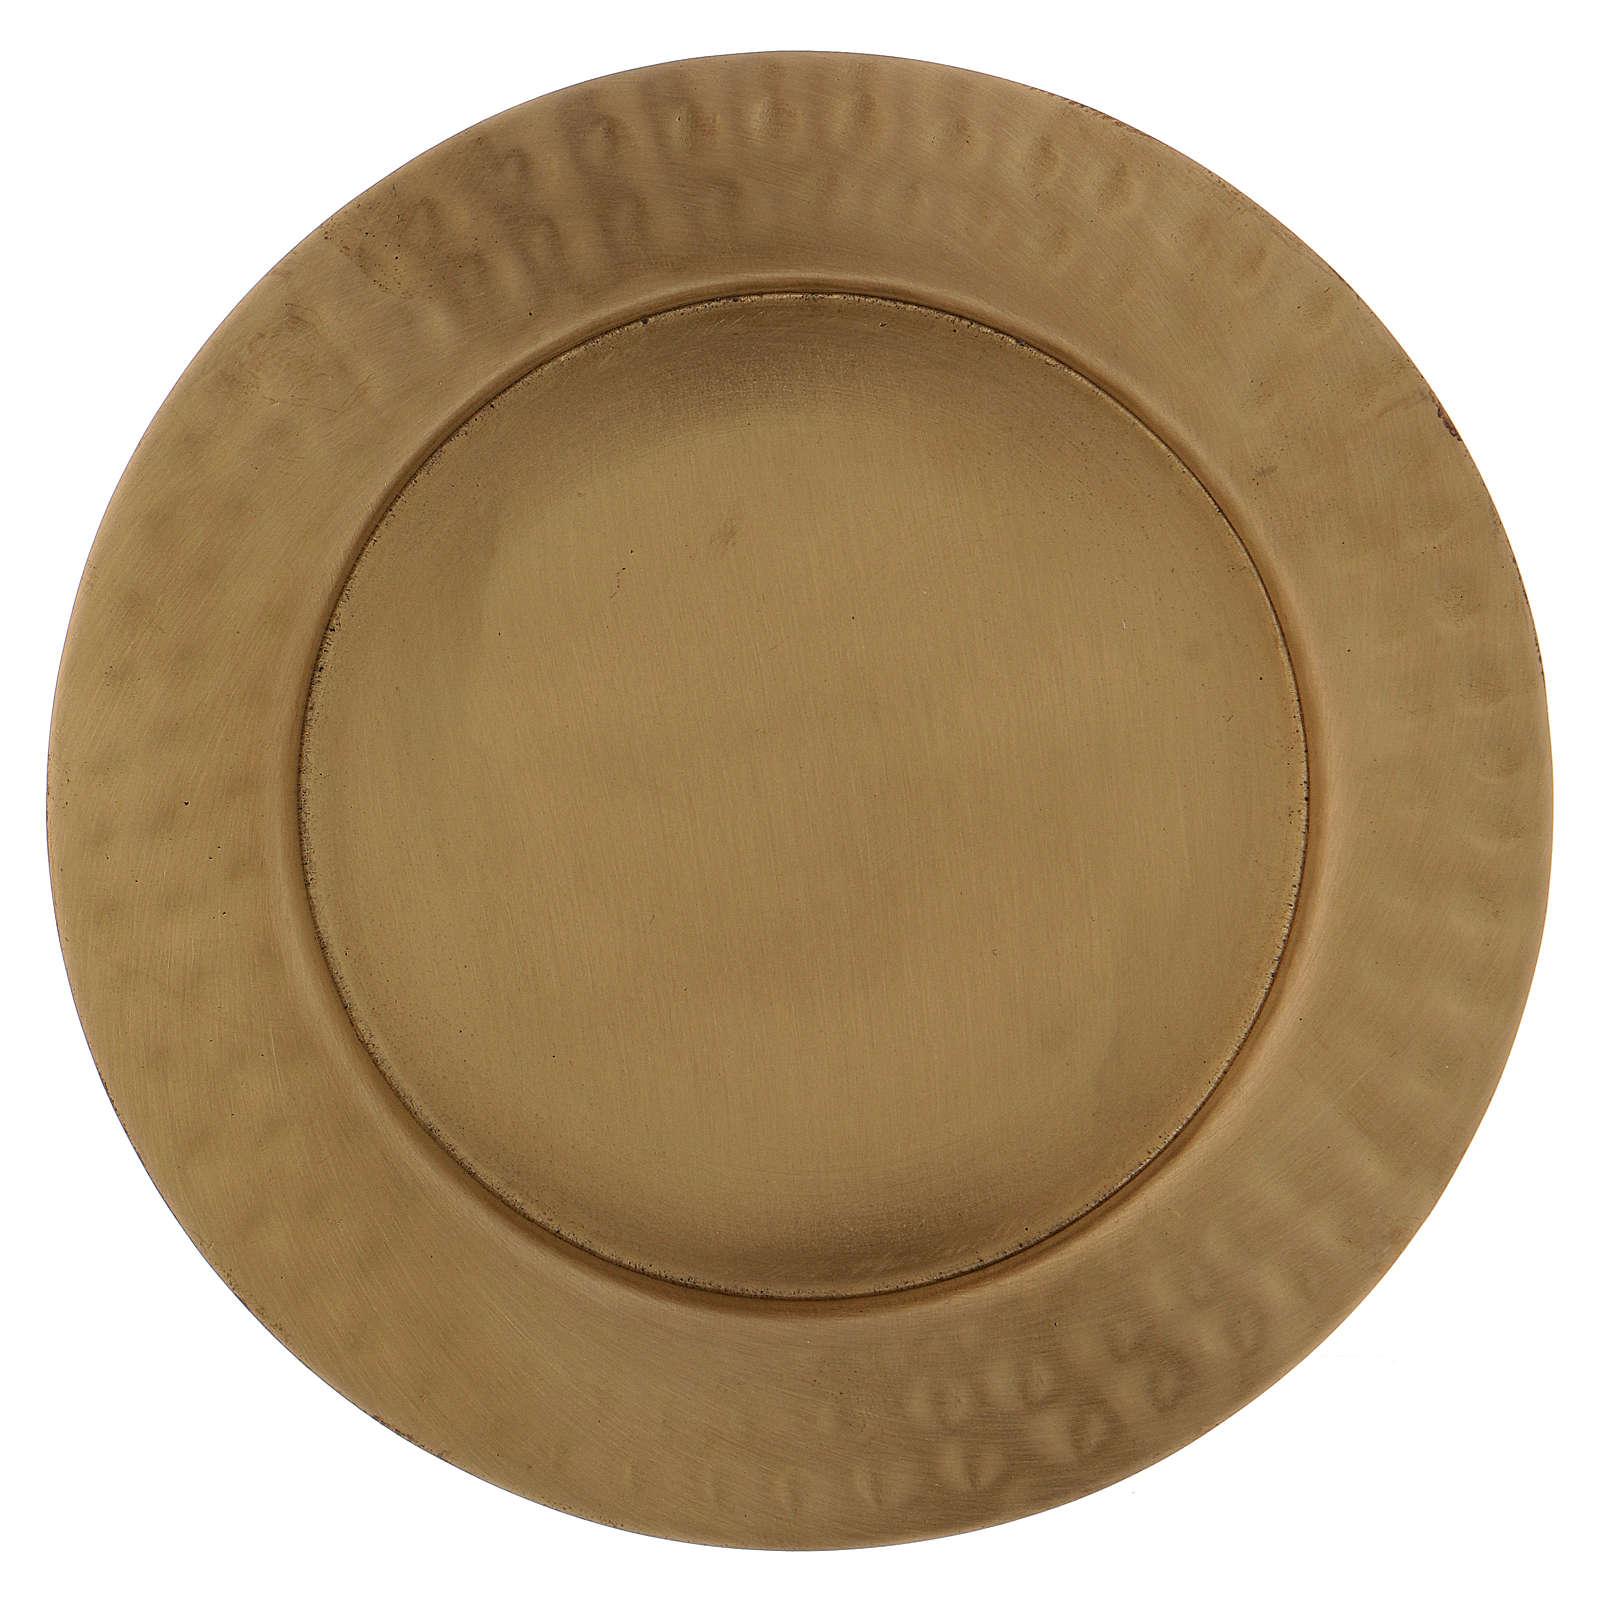 Piattino portacero bordo puntellato ottone dorato opaco 3